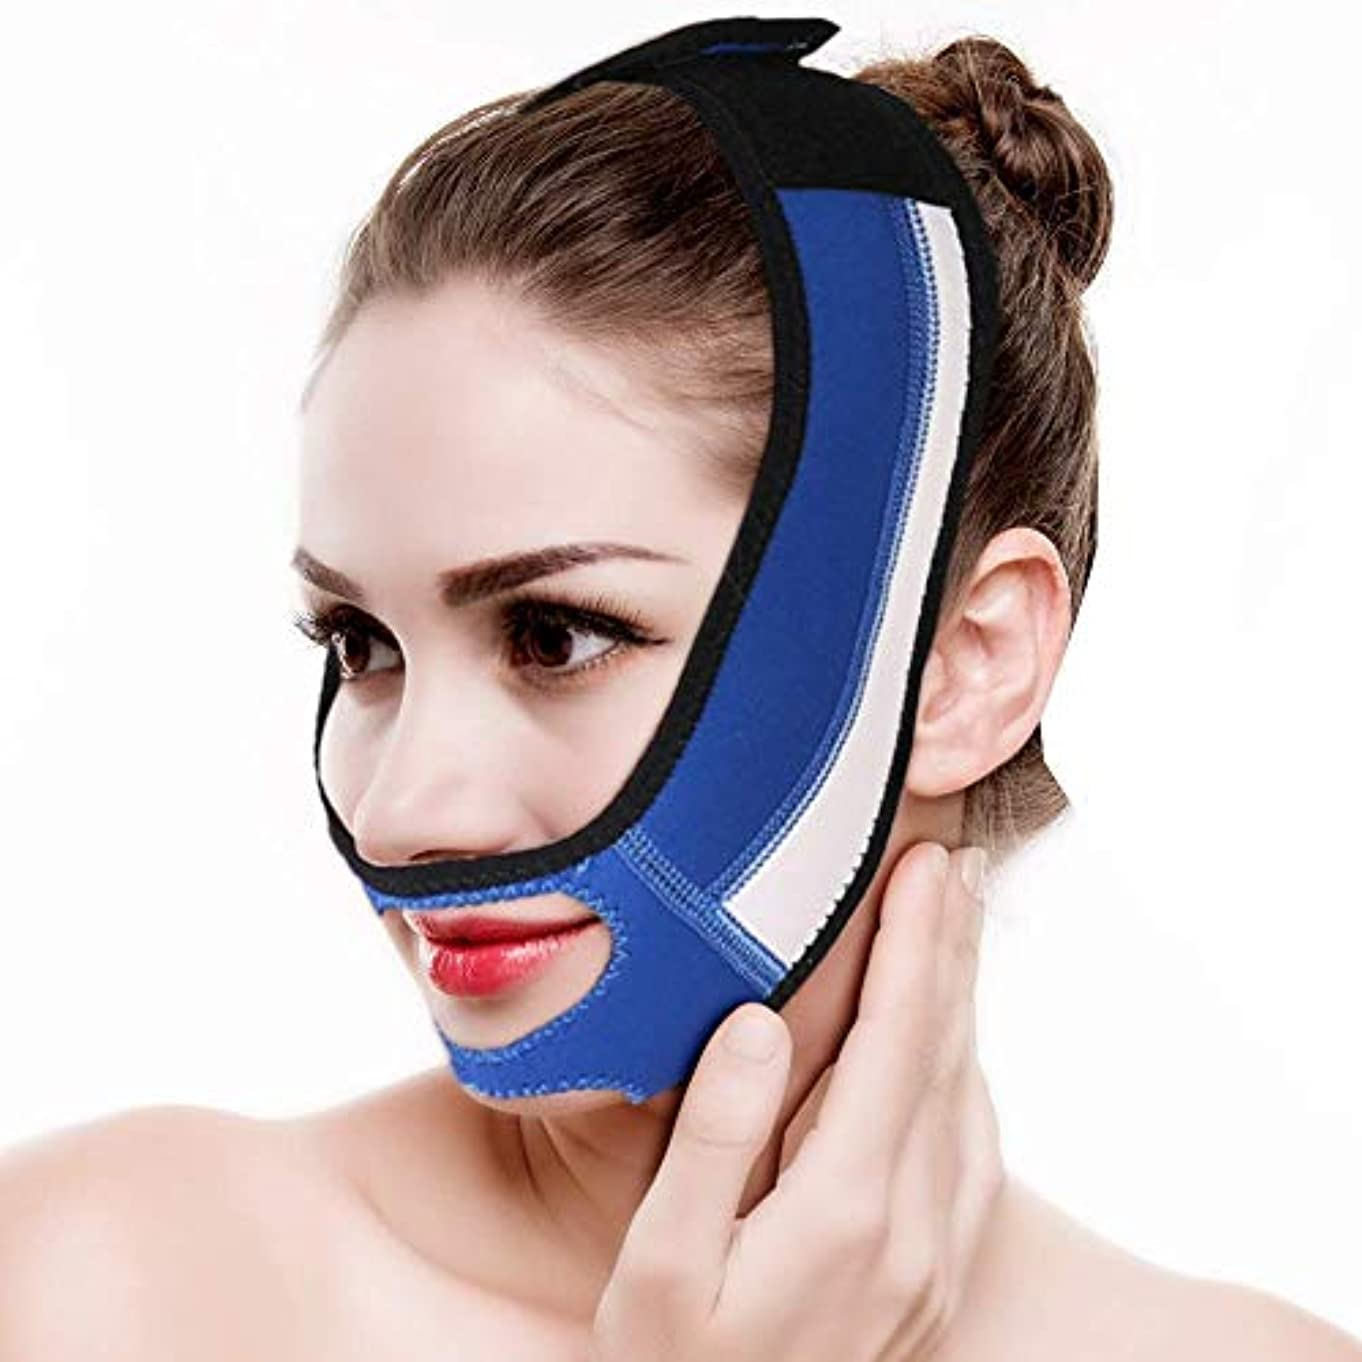 適切に比類なき肺炎フェイススリミングチークマスク、フェイススリムリフティングアップスキンバンデージダブルチンを締めます